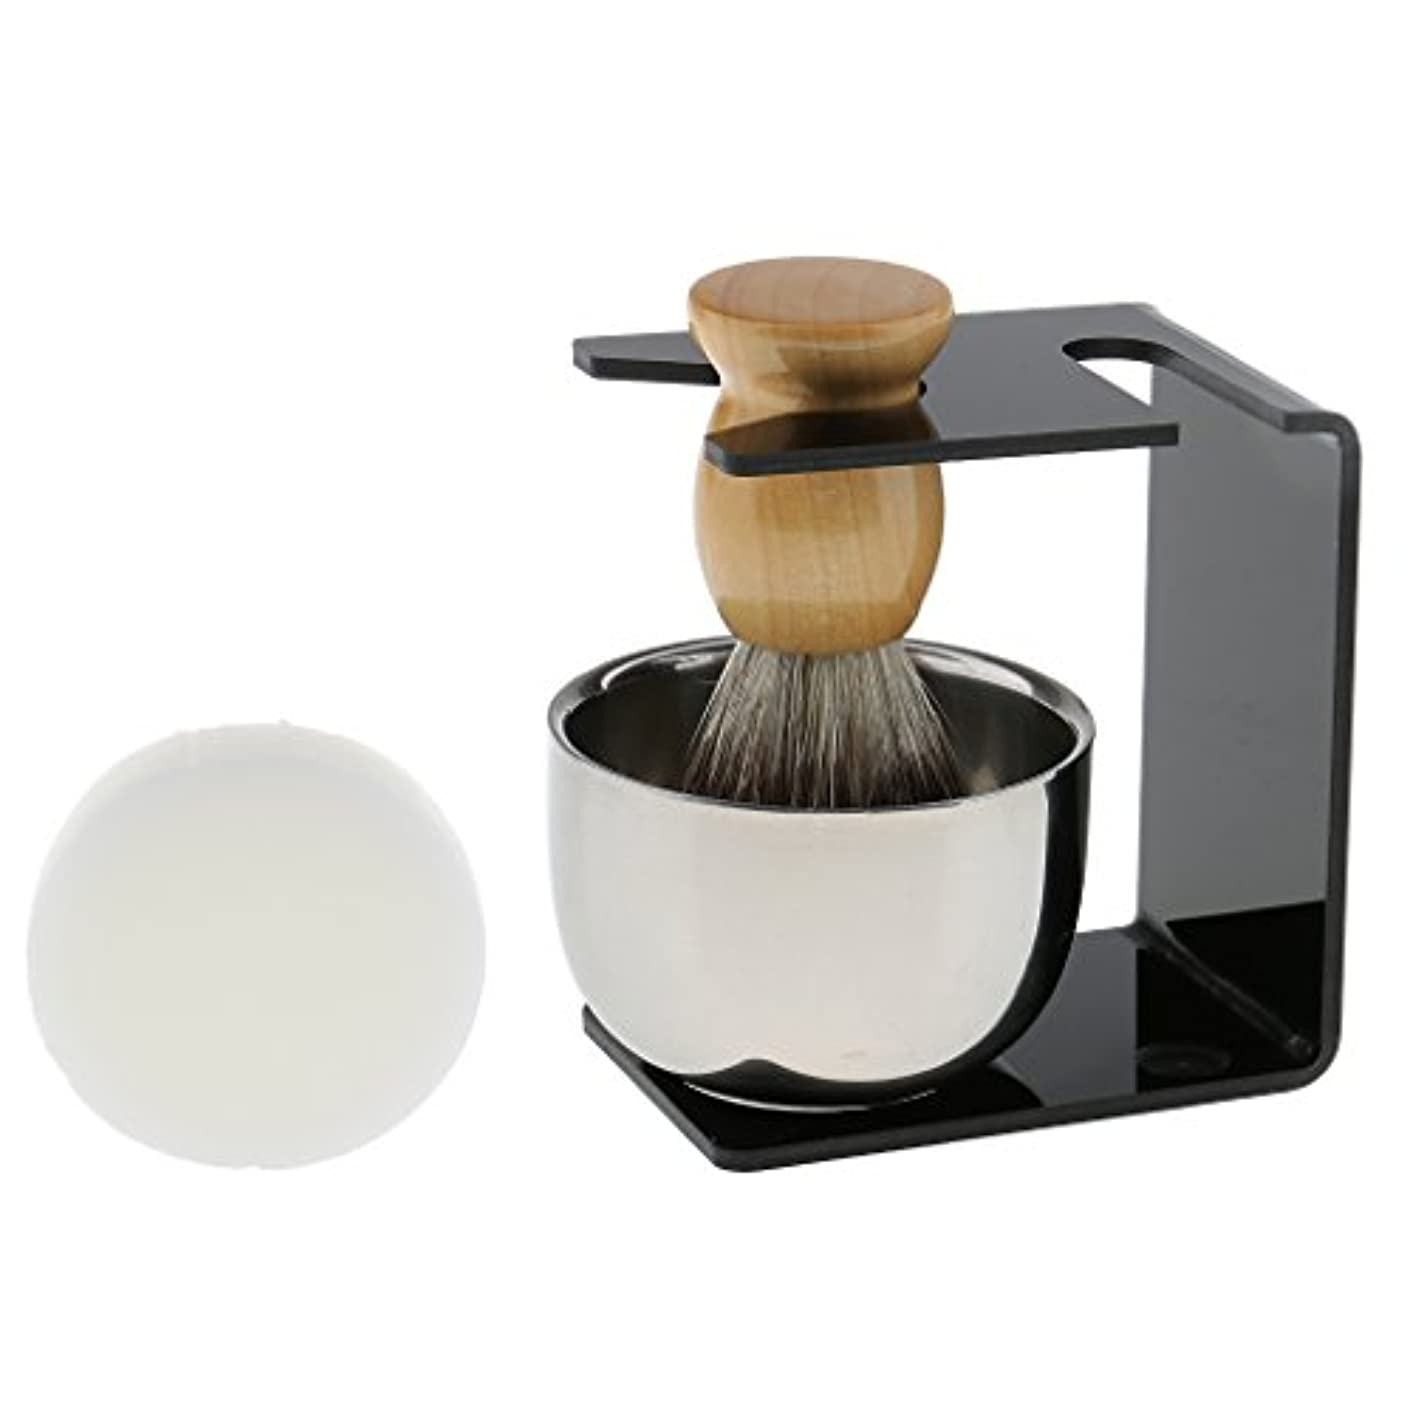 カーテン従うシャンプーシェービングブラシセット ステンレス製スタンド ブラシ 石鹸 シェイプのマグカップ 髭剃り ひげ メンズ 4点セット